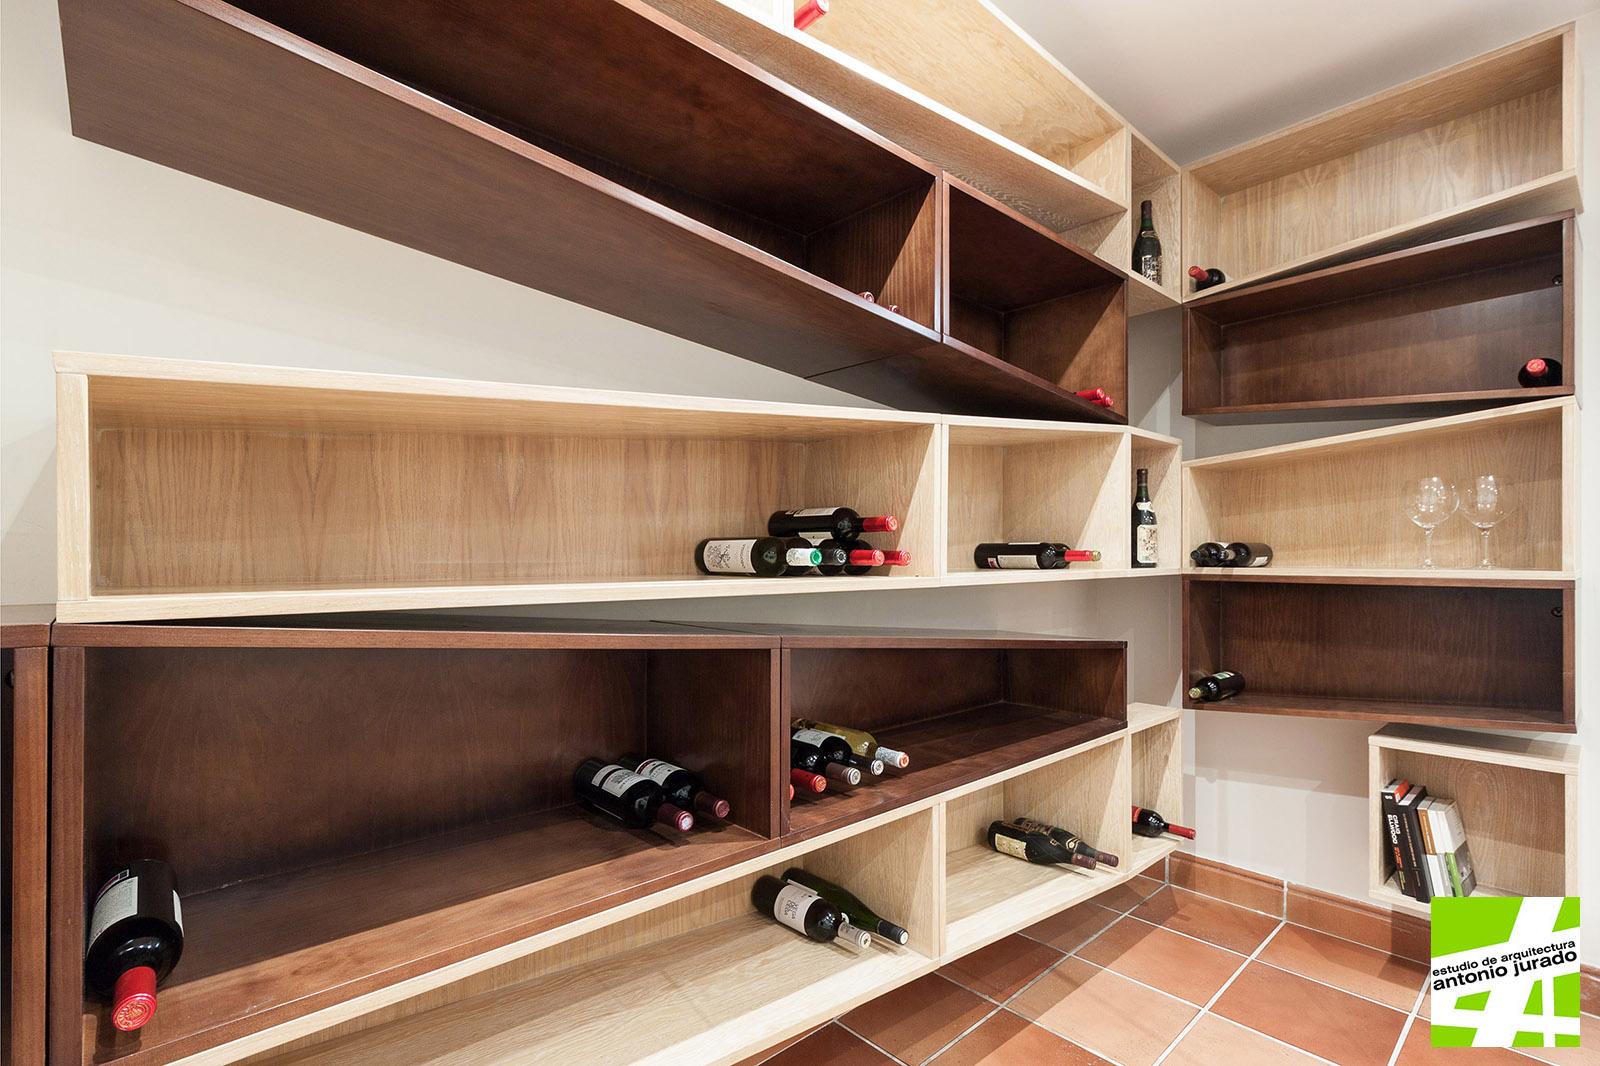 diseño-mobiliario-bodega-interiorismo-vivienda-torrox-park-malaga-antonio-jurado-arquitecto-04